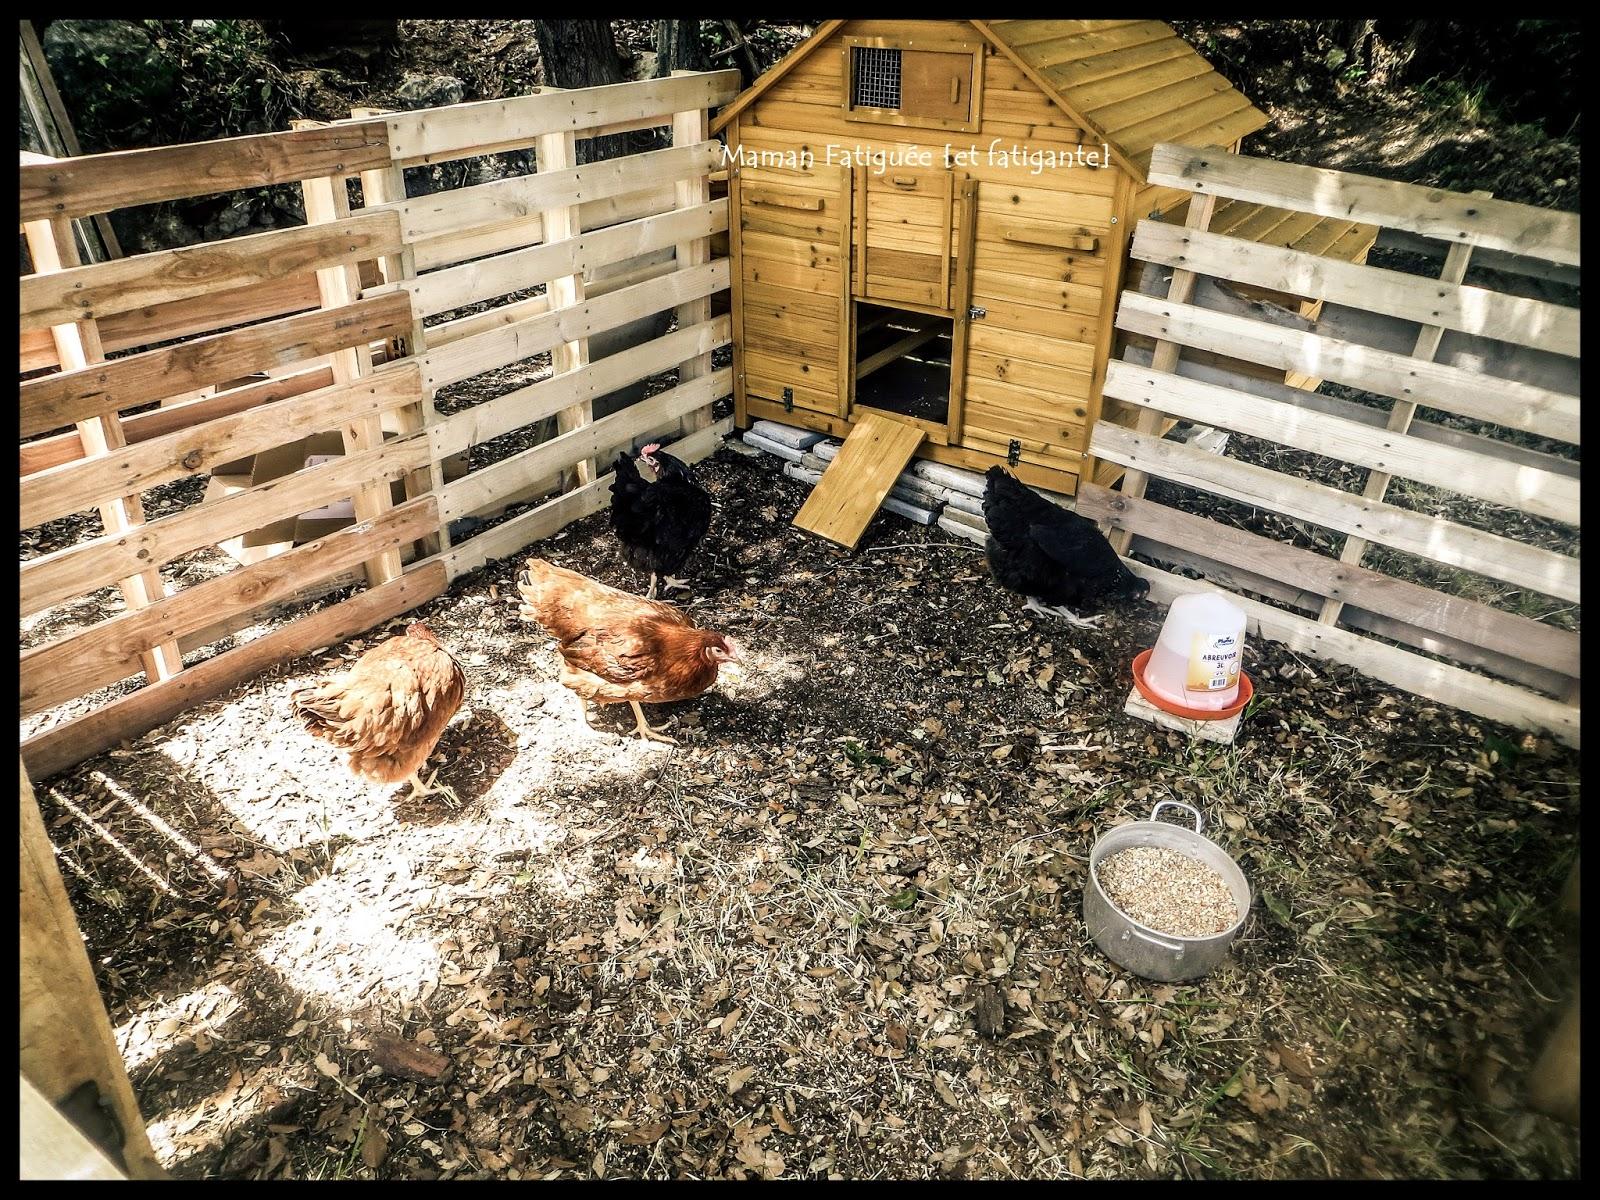 nouvelles locataires les poules maman fatigu e et fatigante. Black Bedroom Furniture Sets. Home Design Ideas